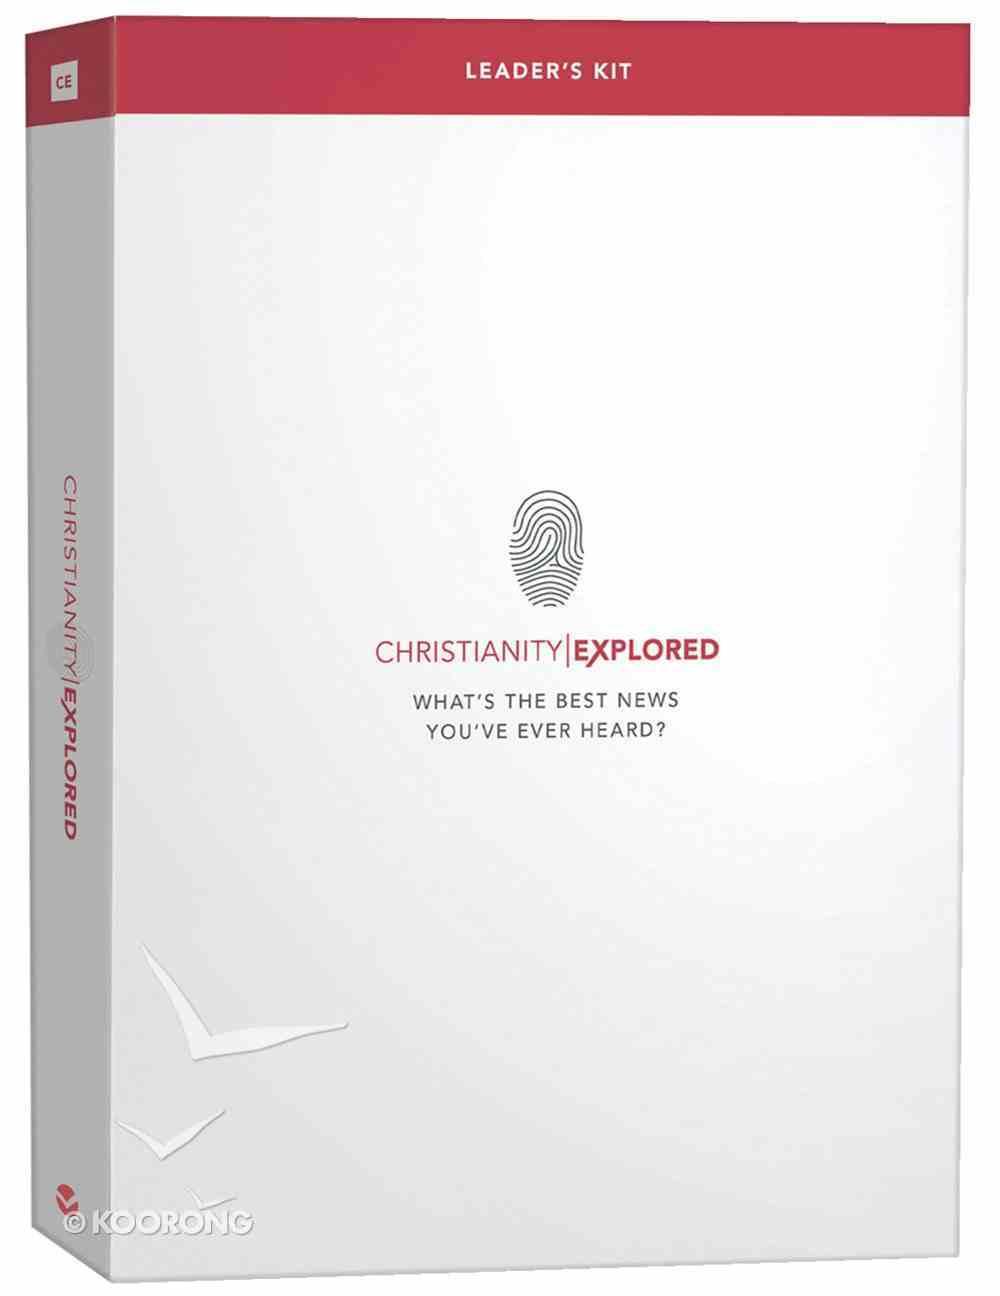 Christianity Explored: Leader's Kit Pack